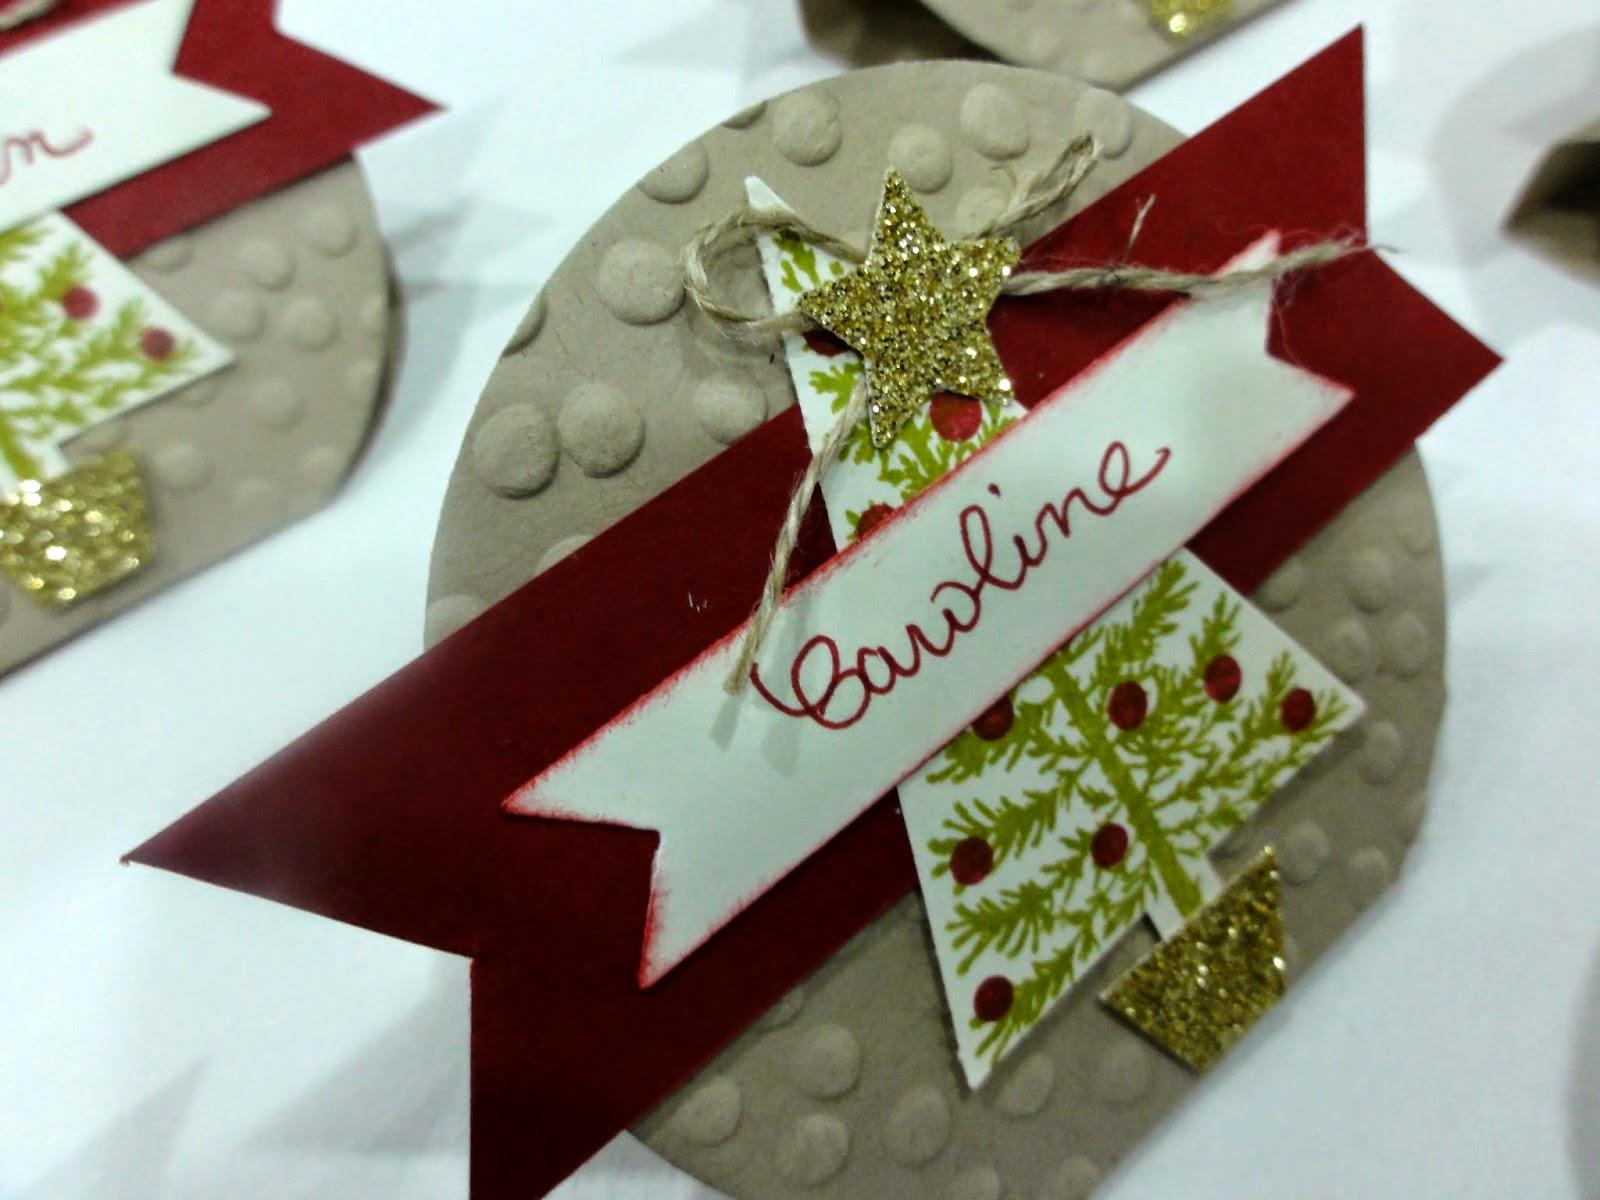 http://jesuiscreative.blogspot.com/2014/12/blog-hop-des-stampingirls-decembre-2014.html